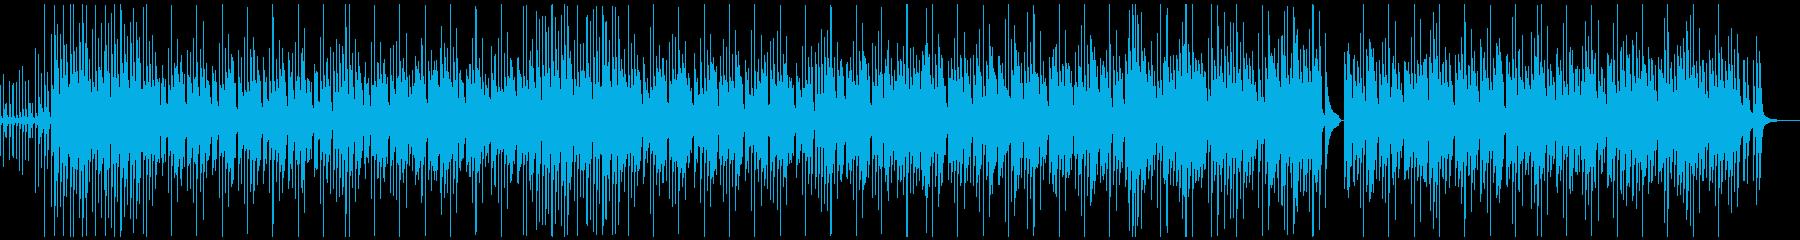 やさしい・のんびり・ギター(メロなし)の再生済みの波形